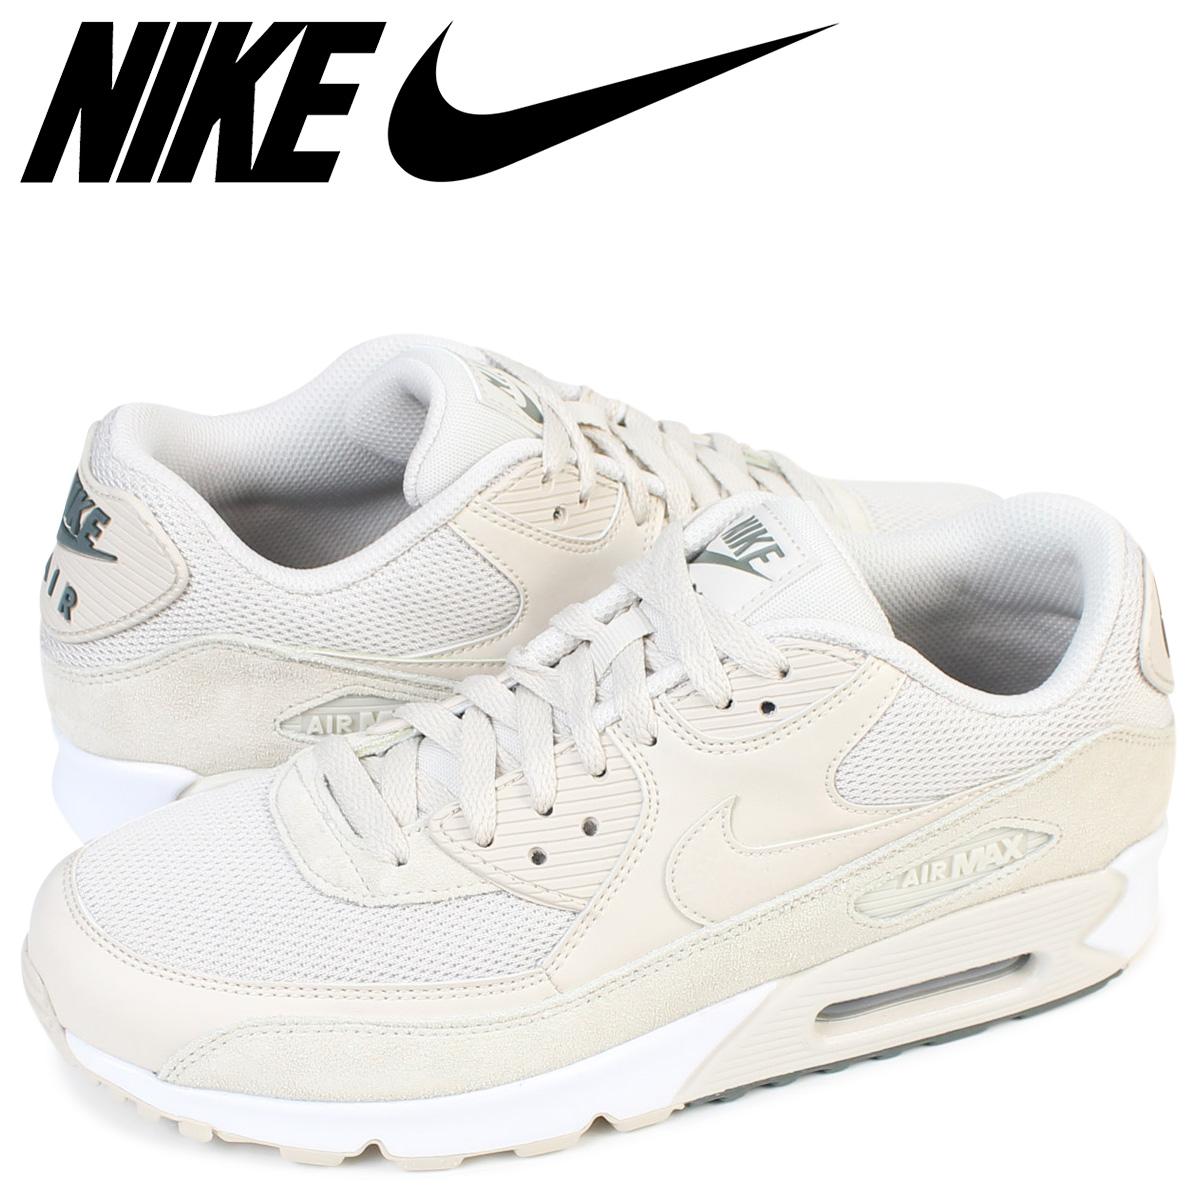 NIKE Kie Ney AMAX 90 essential sneakers AIR MAX 90 ESSENTIAL 537,384 132 men's shoes beige